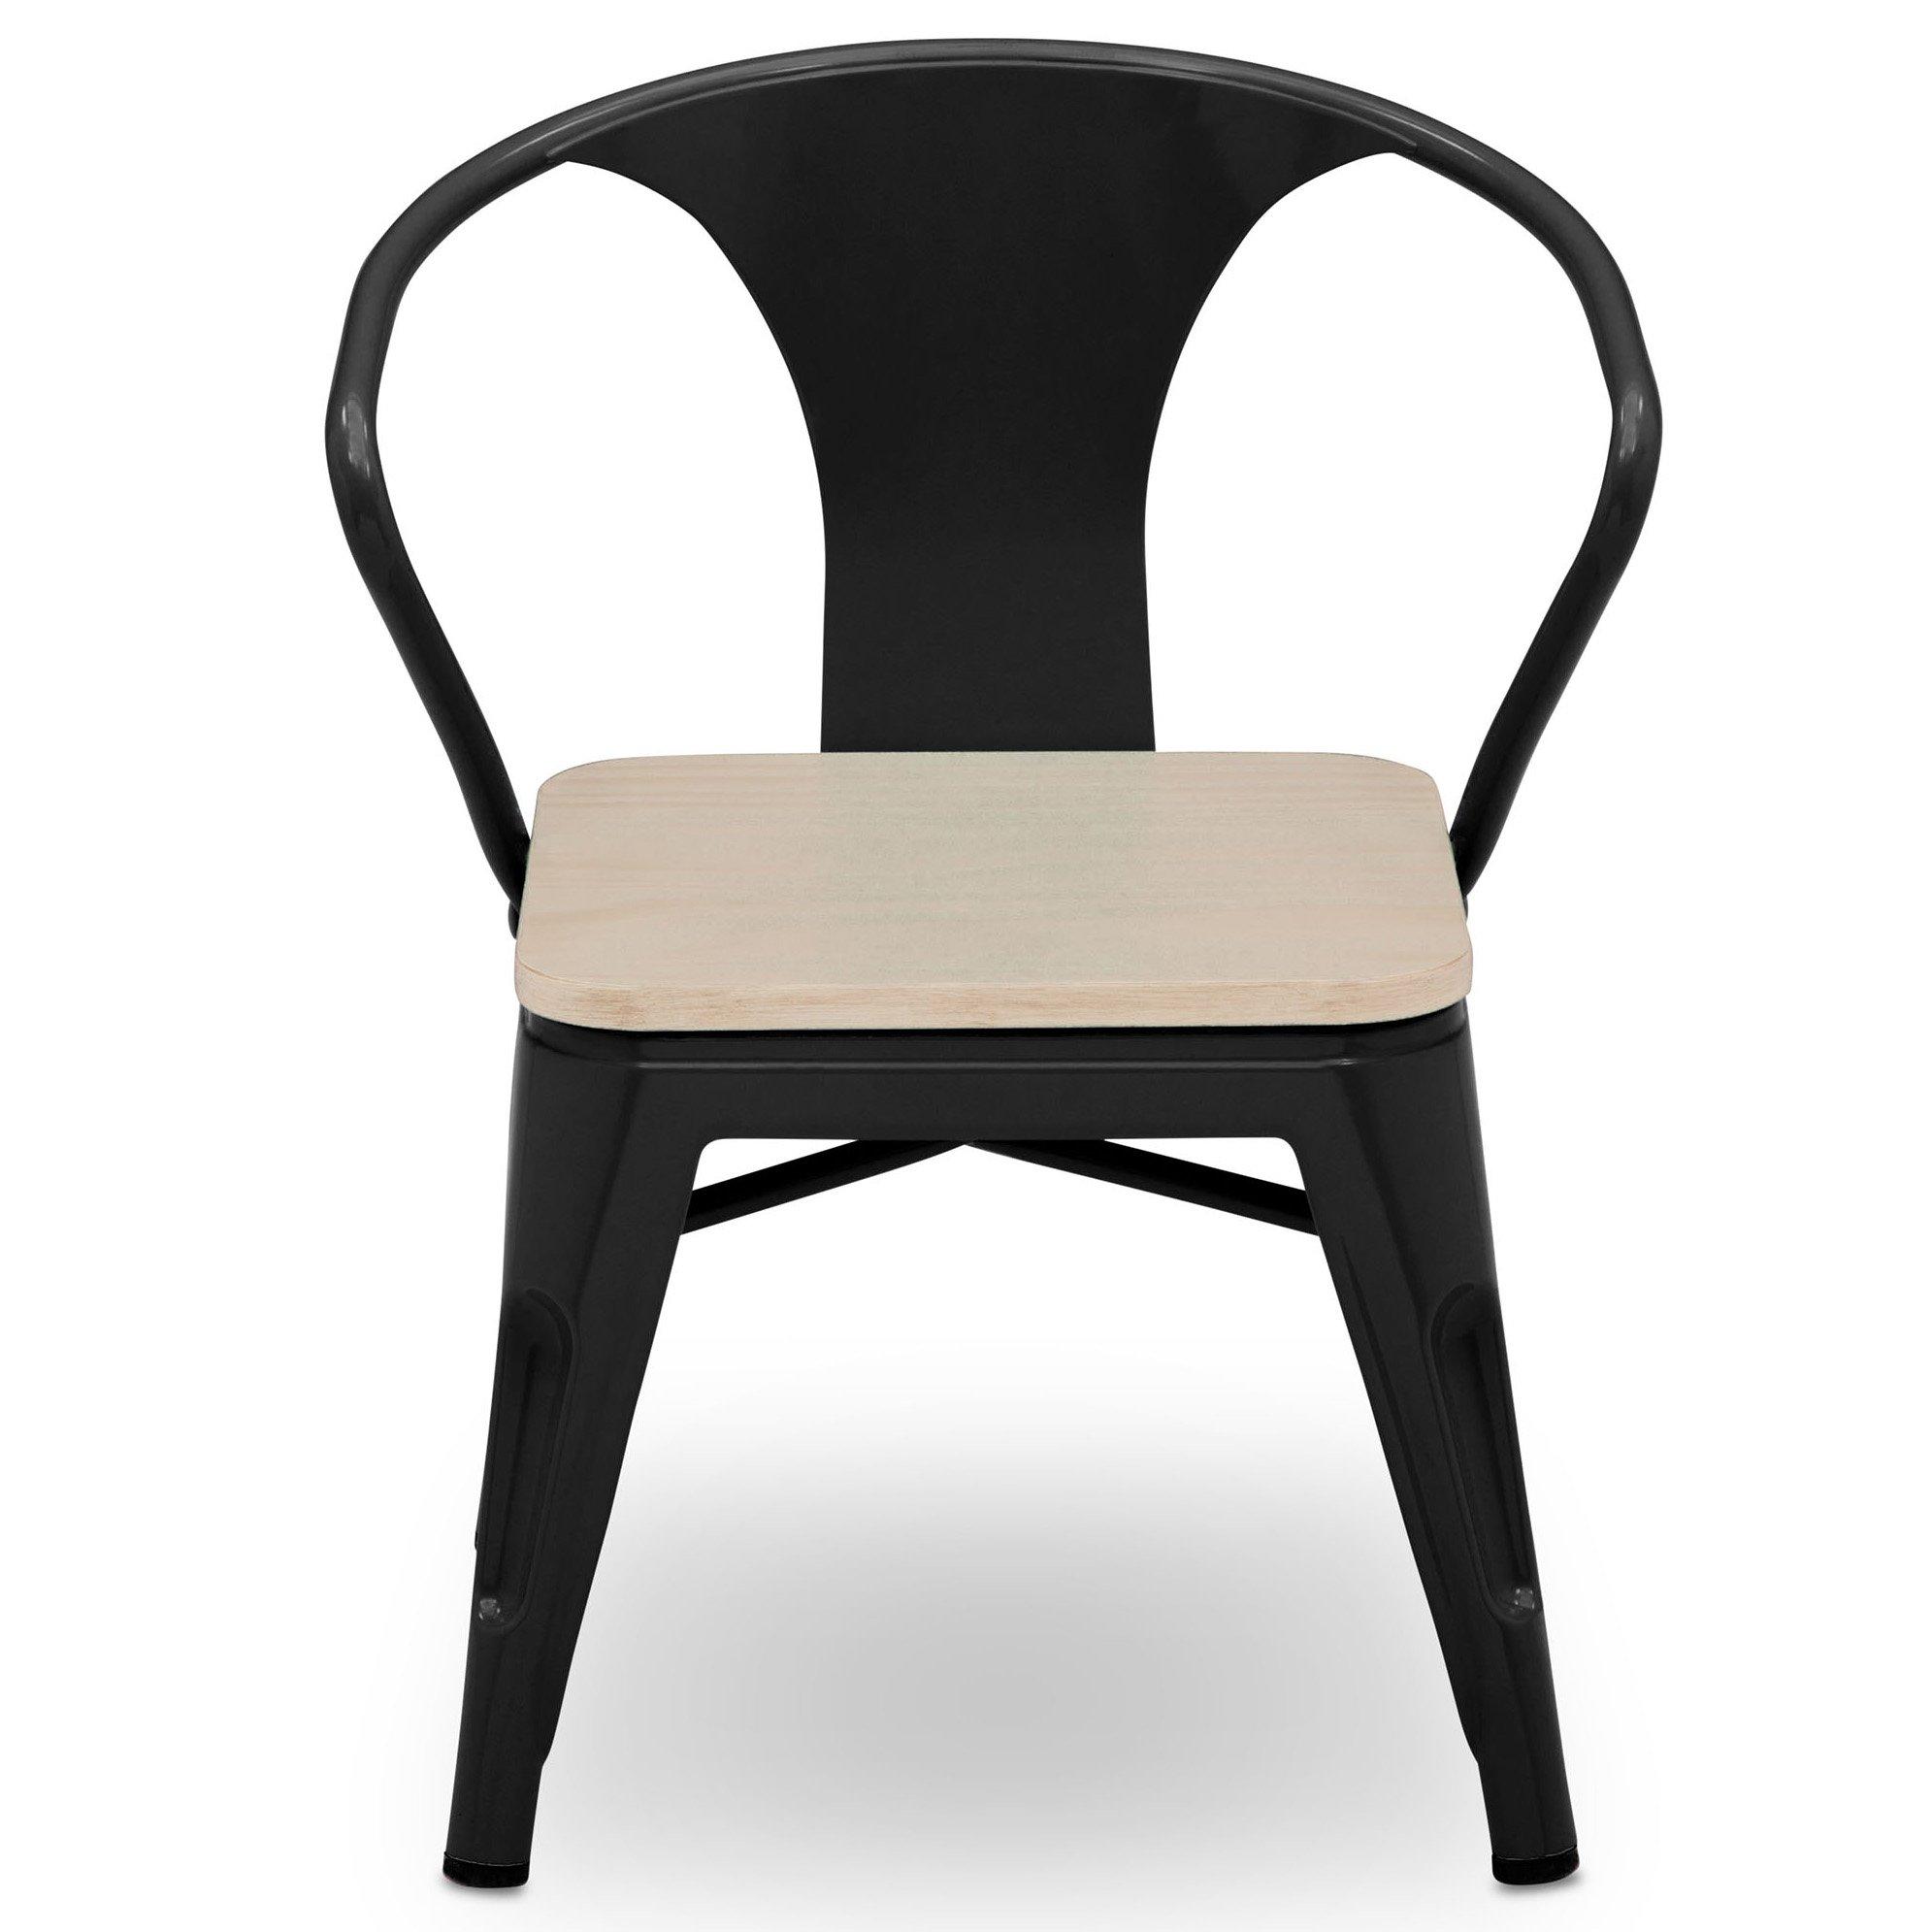 Delta Children Bistro 2-Piece Chair Set, Black with Driftwood by Delta Children (Image #4)